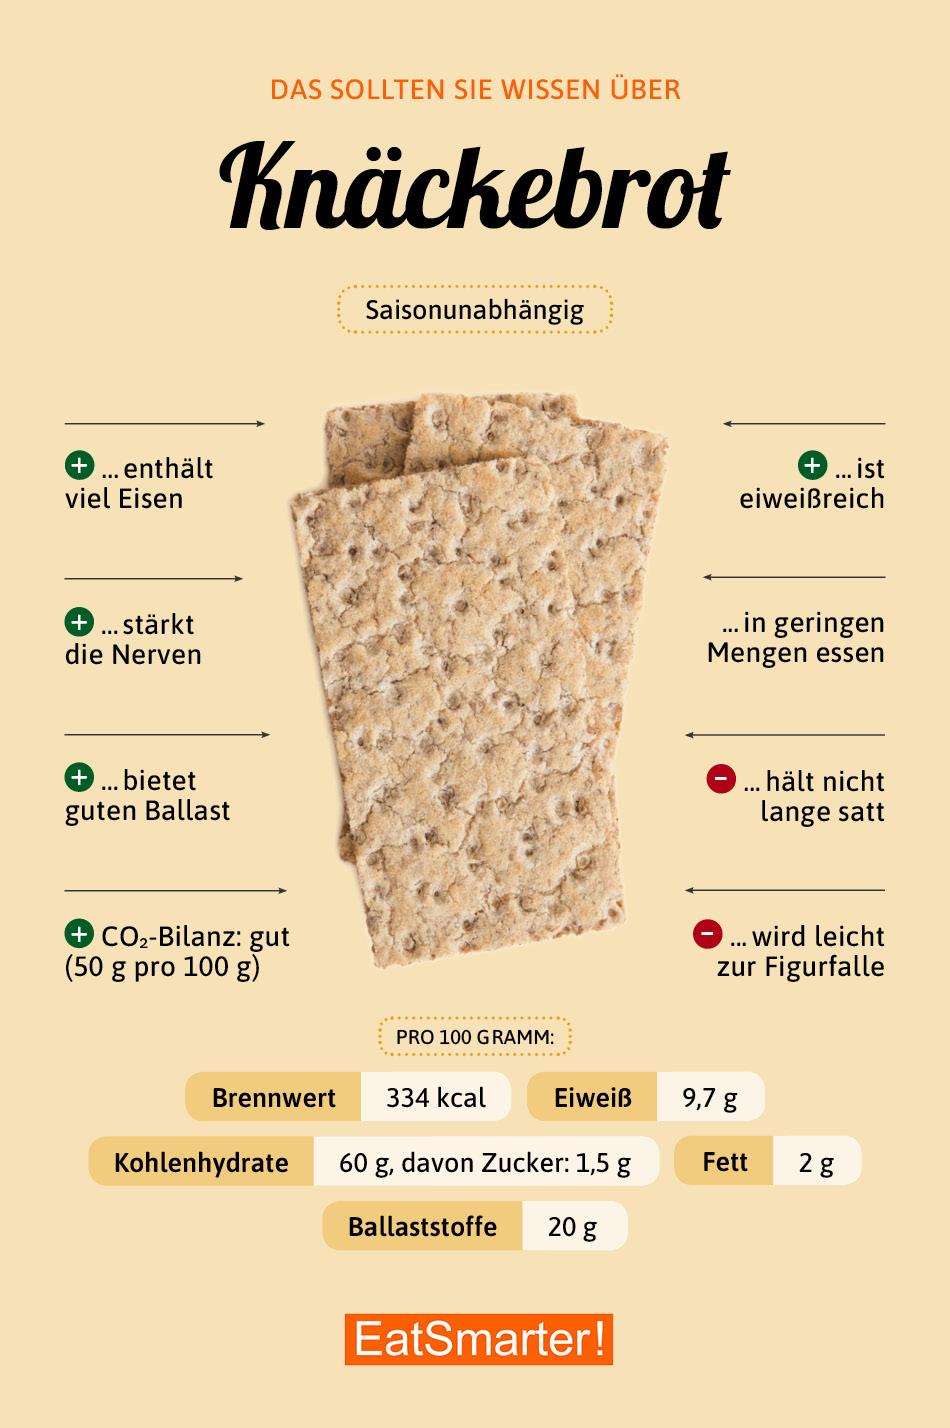 Infografik Knäckebrot